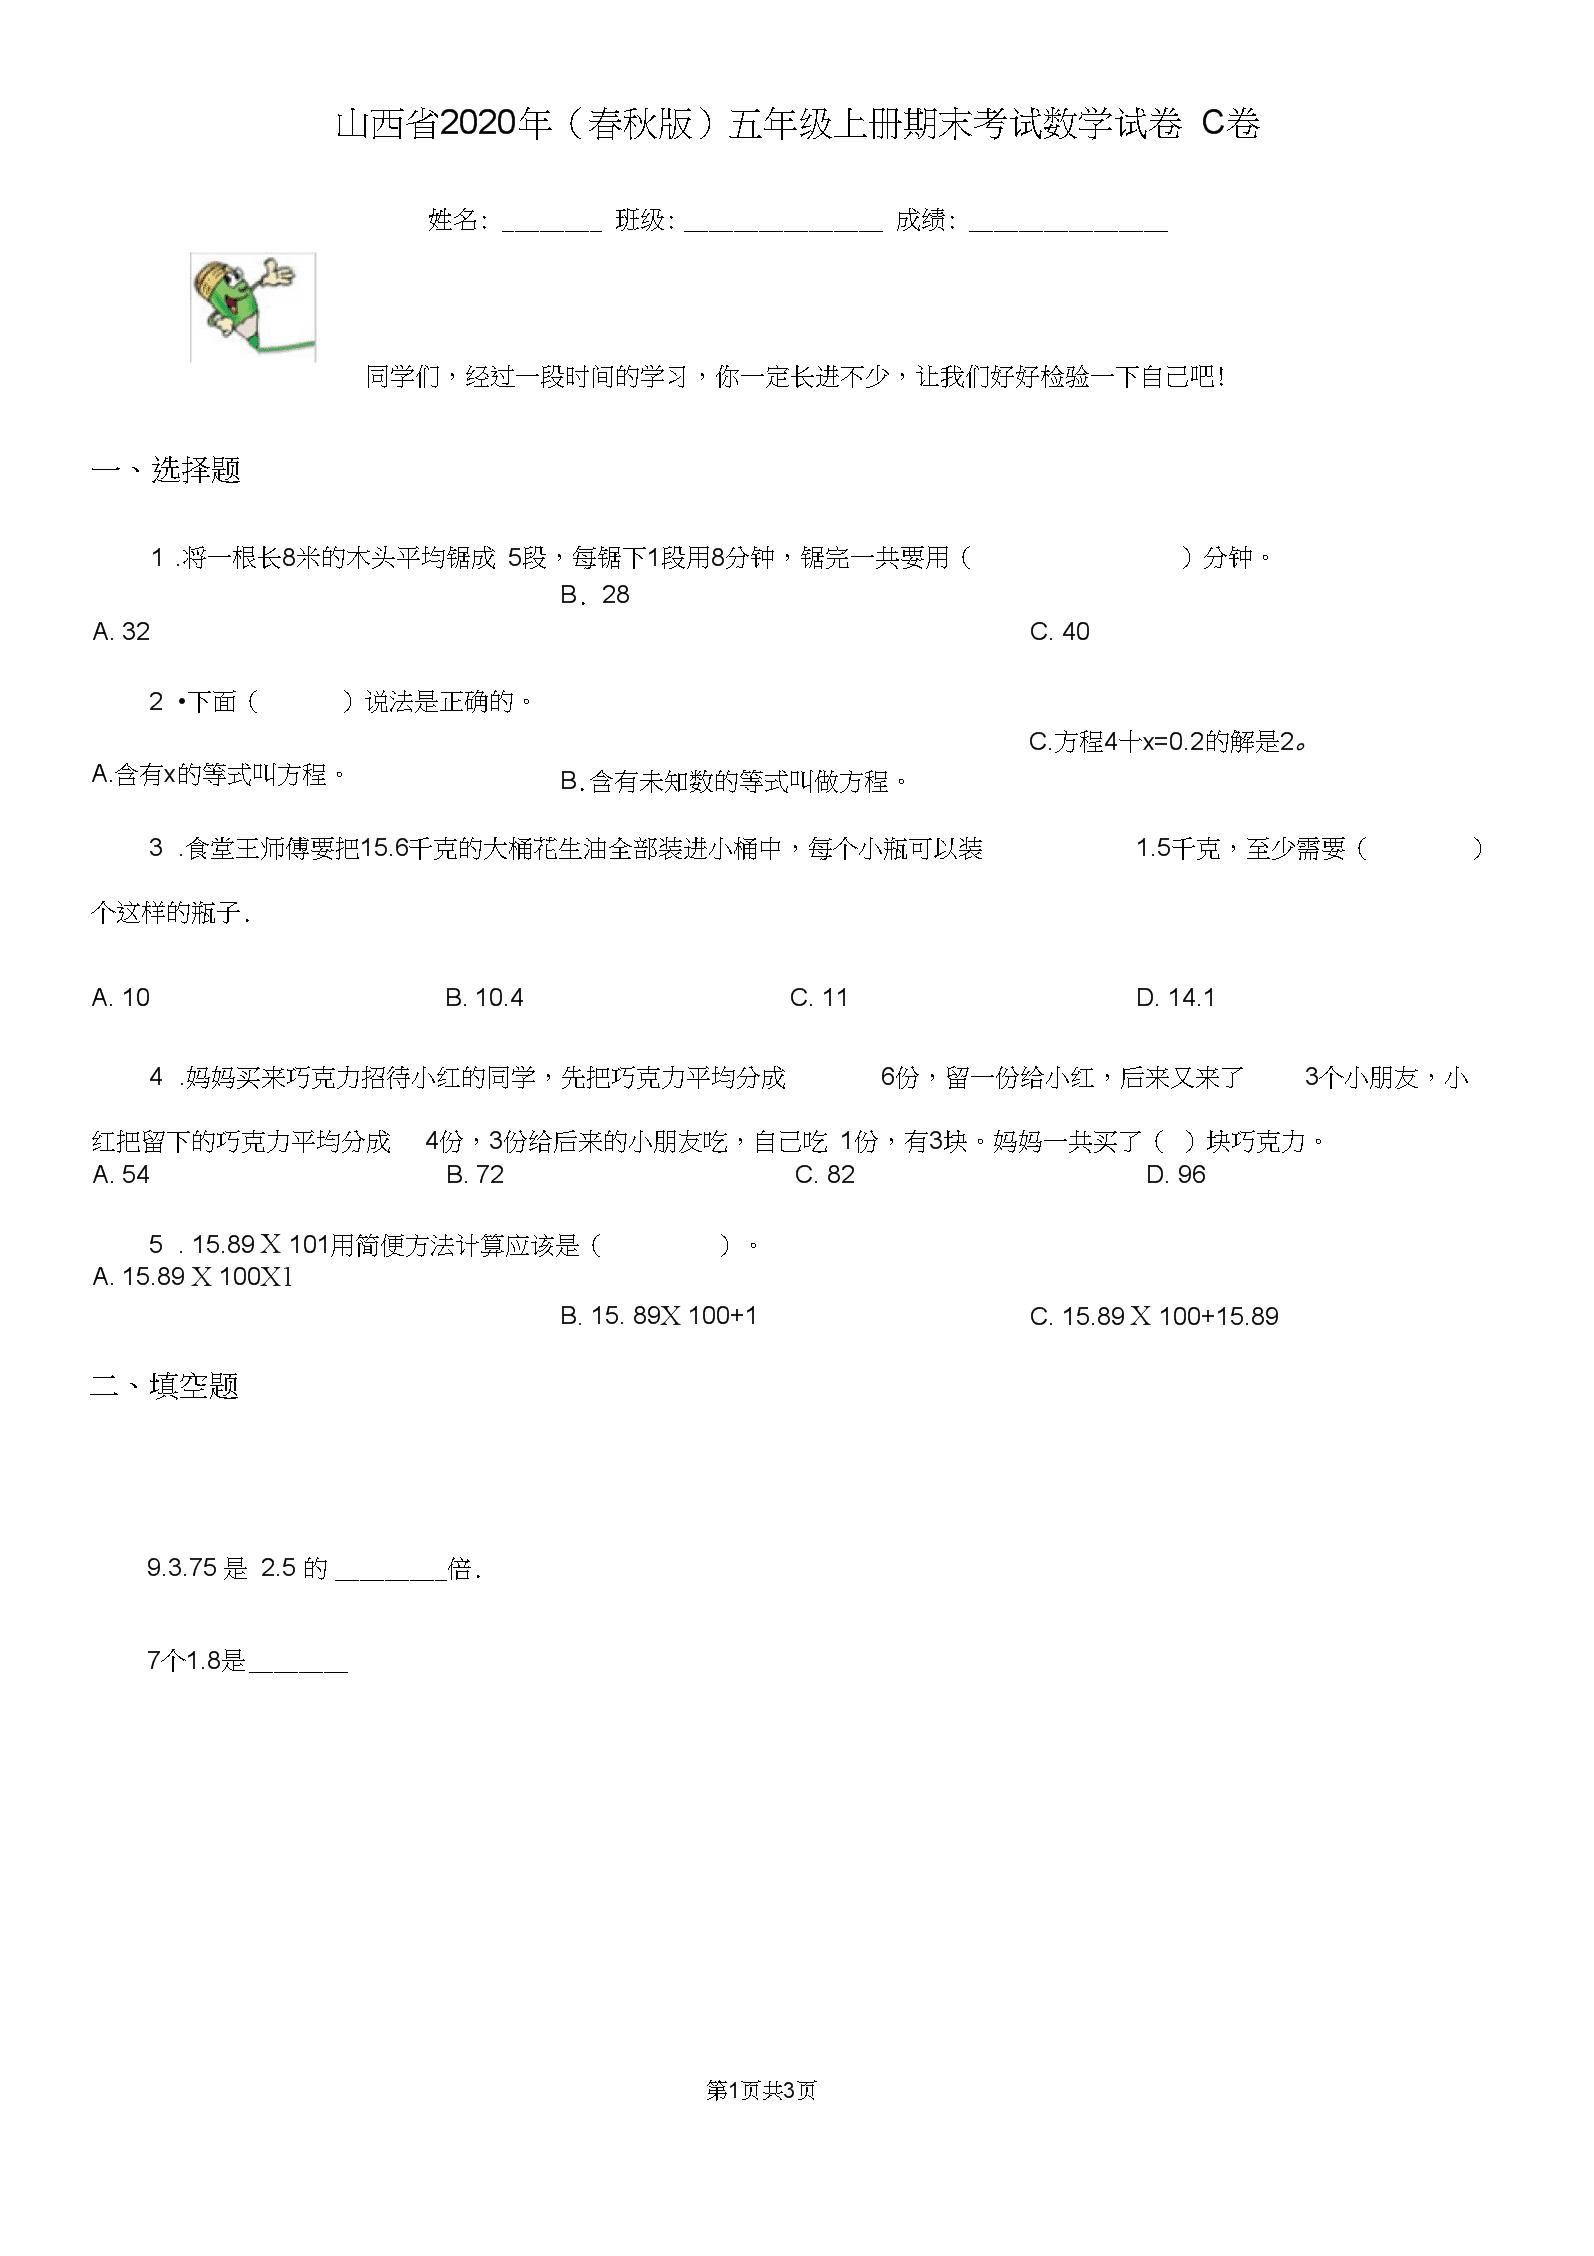 山西省2020年(春秋版)五年级上册期末考试数学试卷C卷.docx